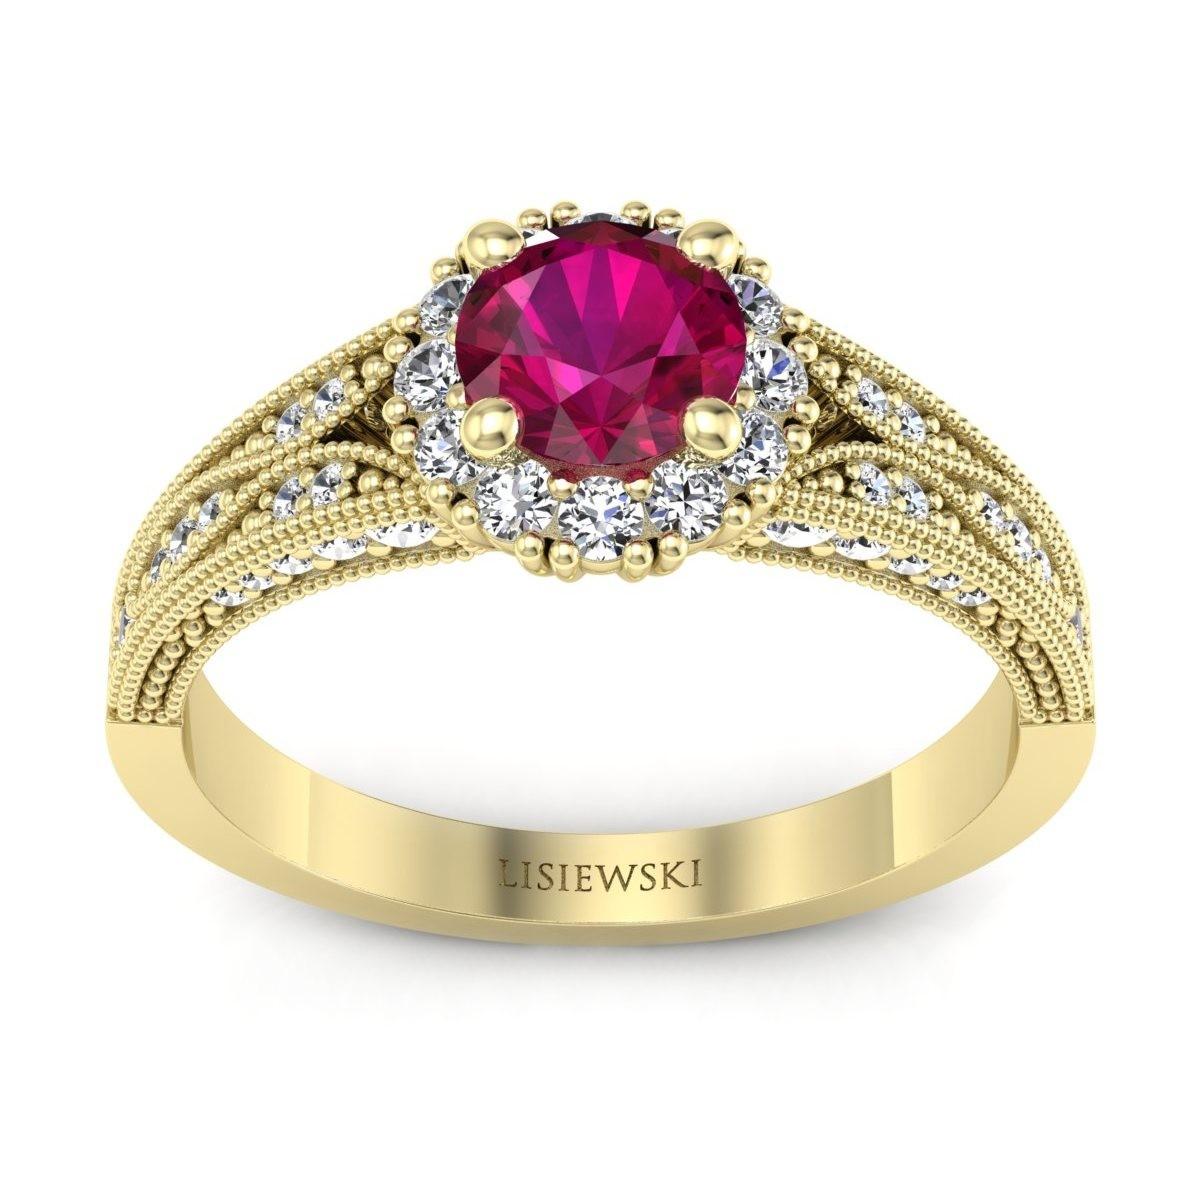 Eve - Złoty pierścionek z rubinem i diamentami